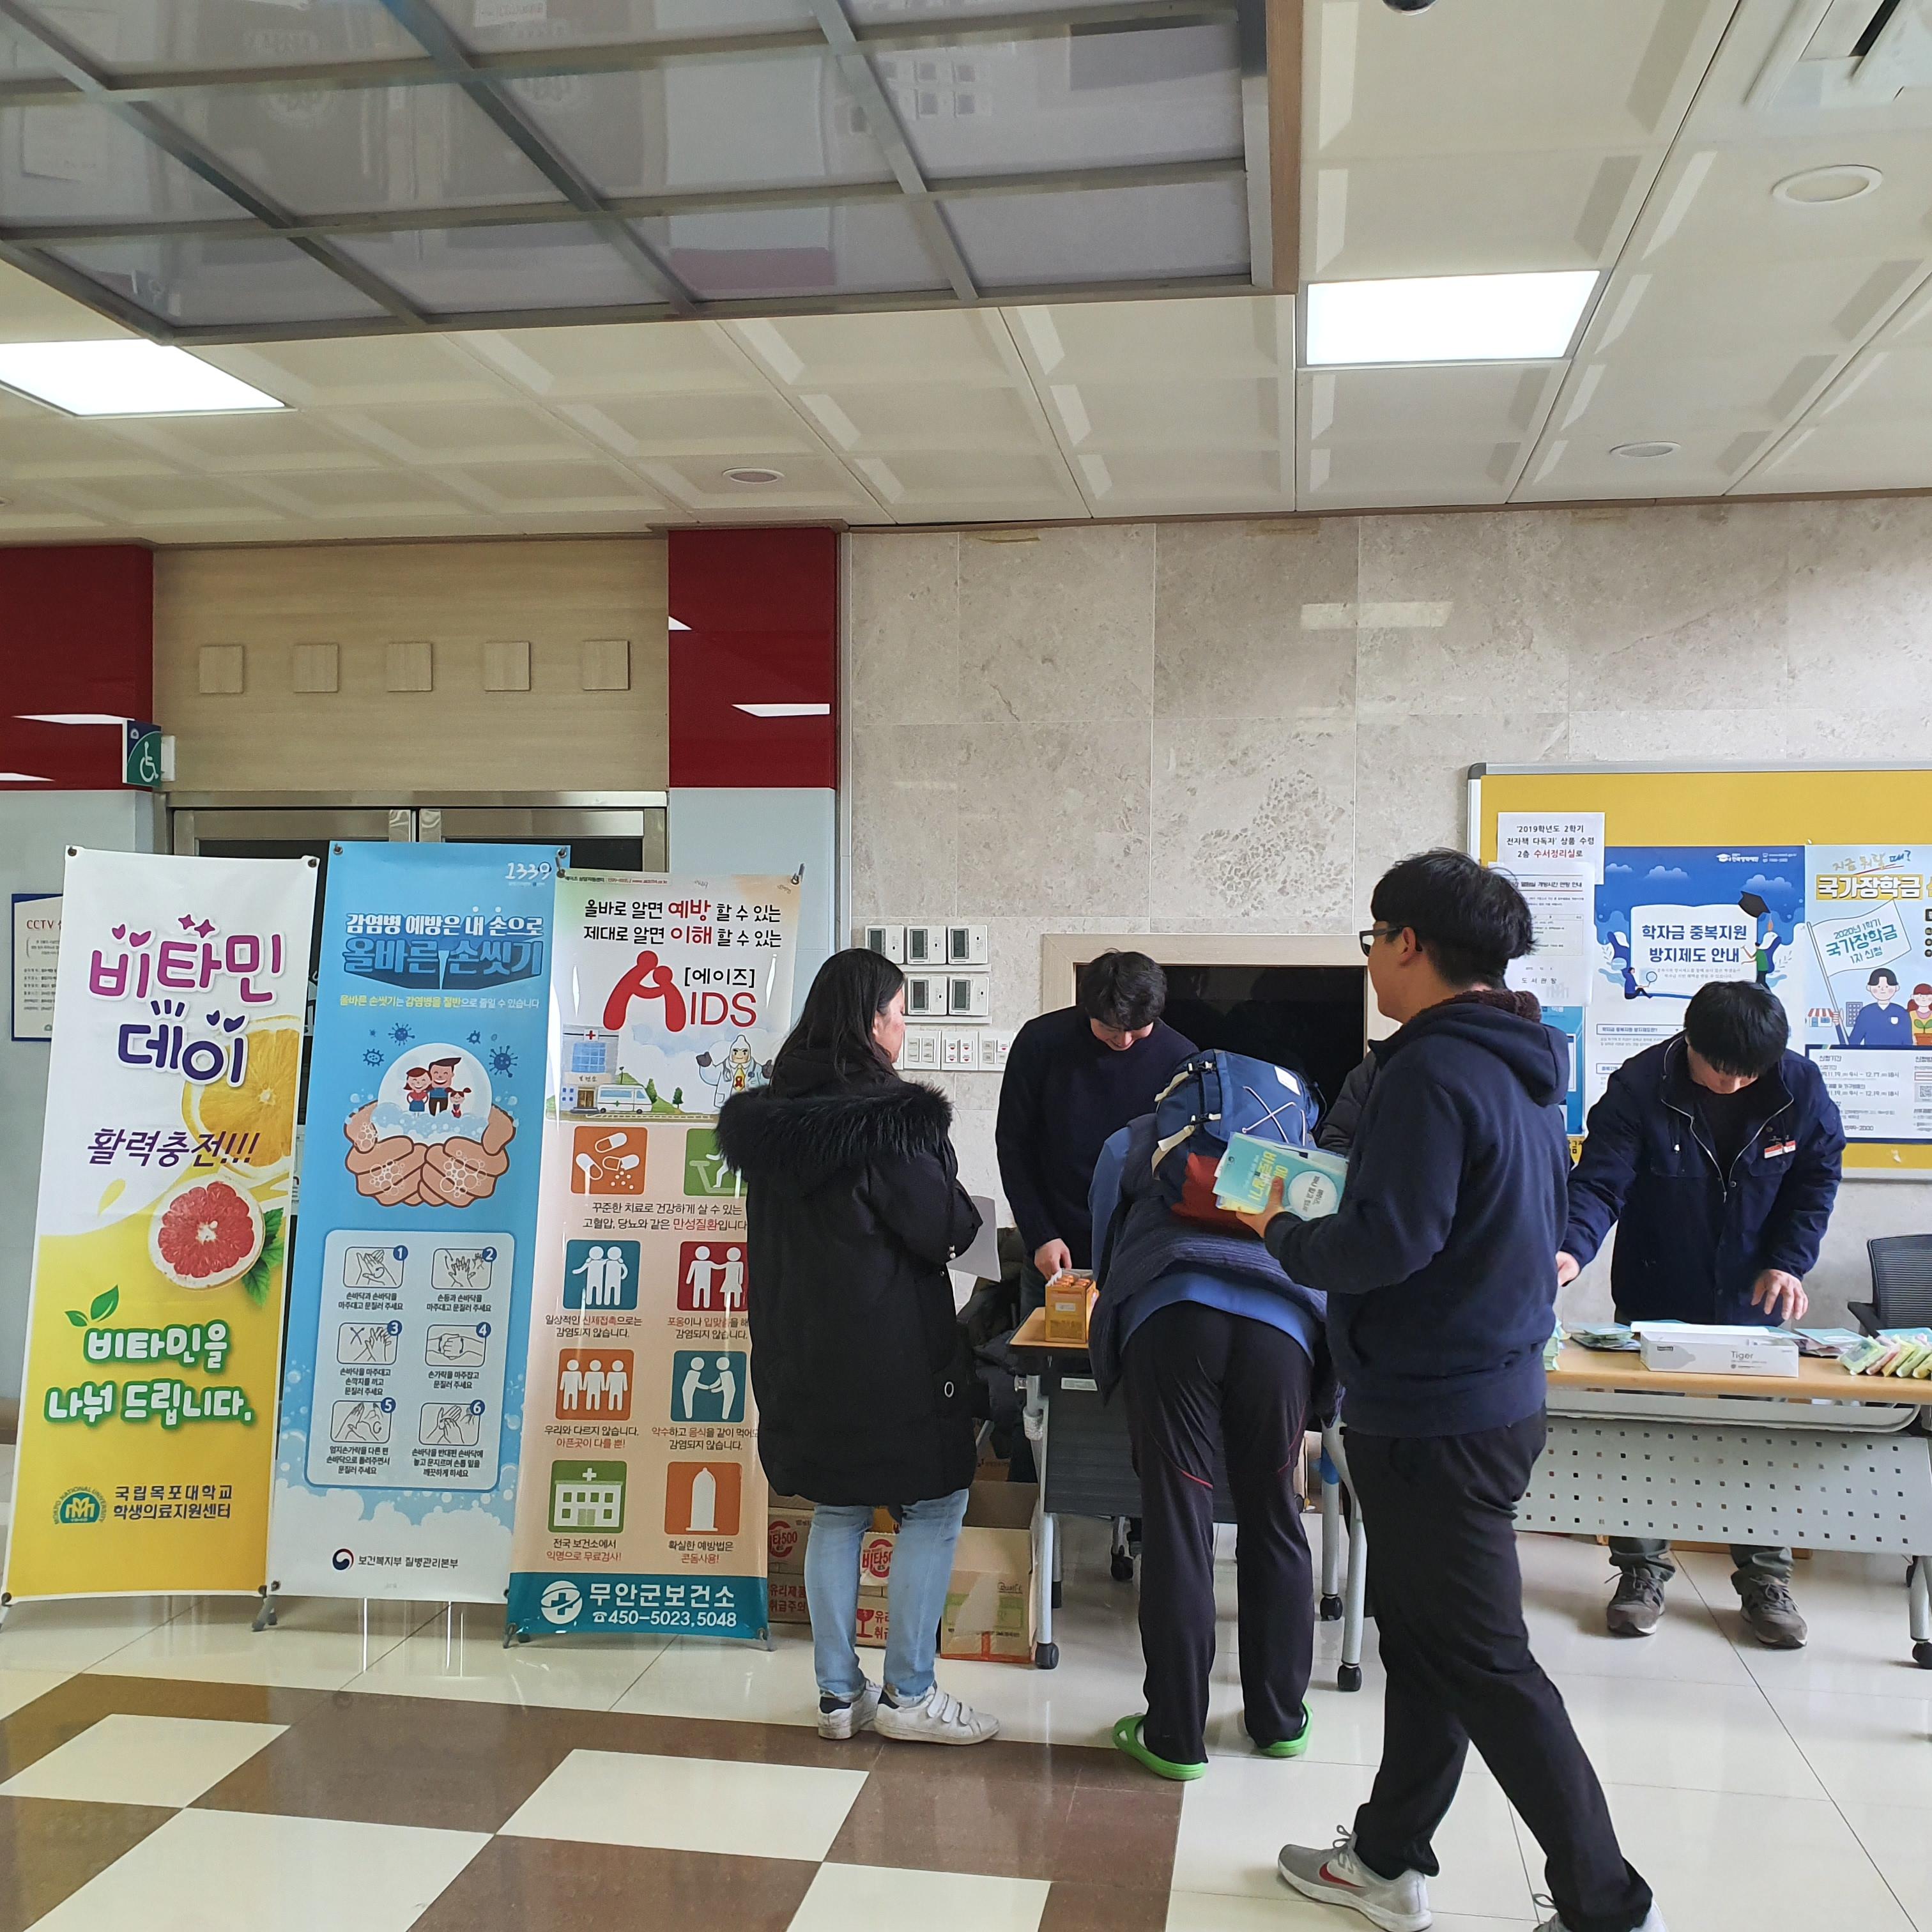 2019년 에이즈 예방 캠페인